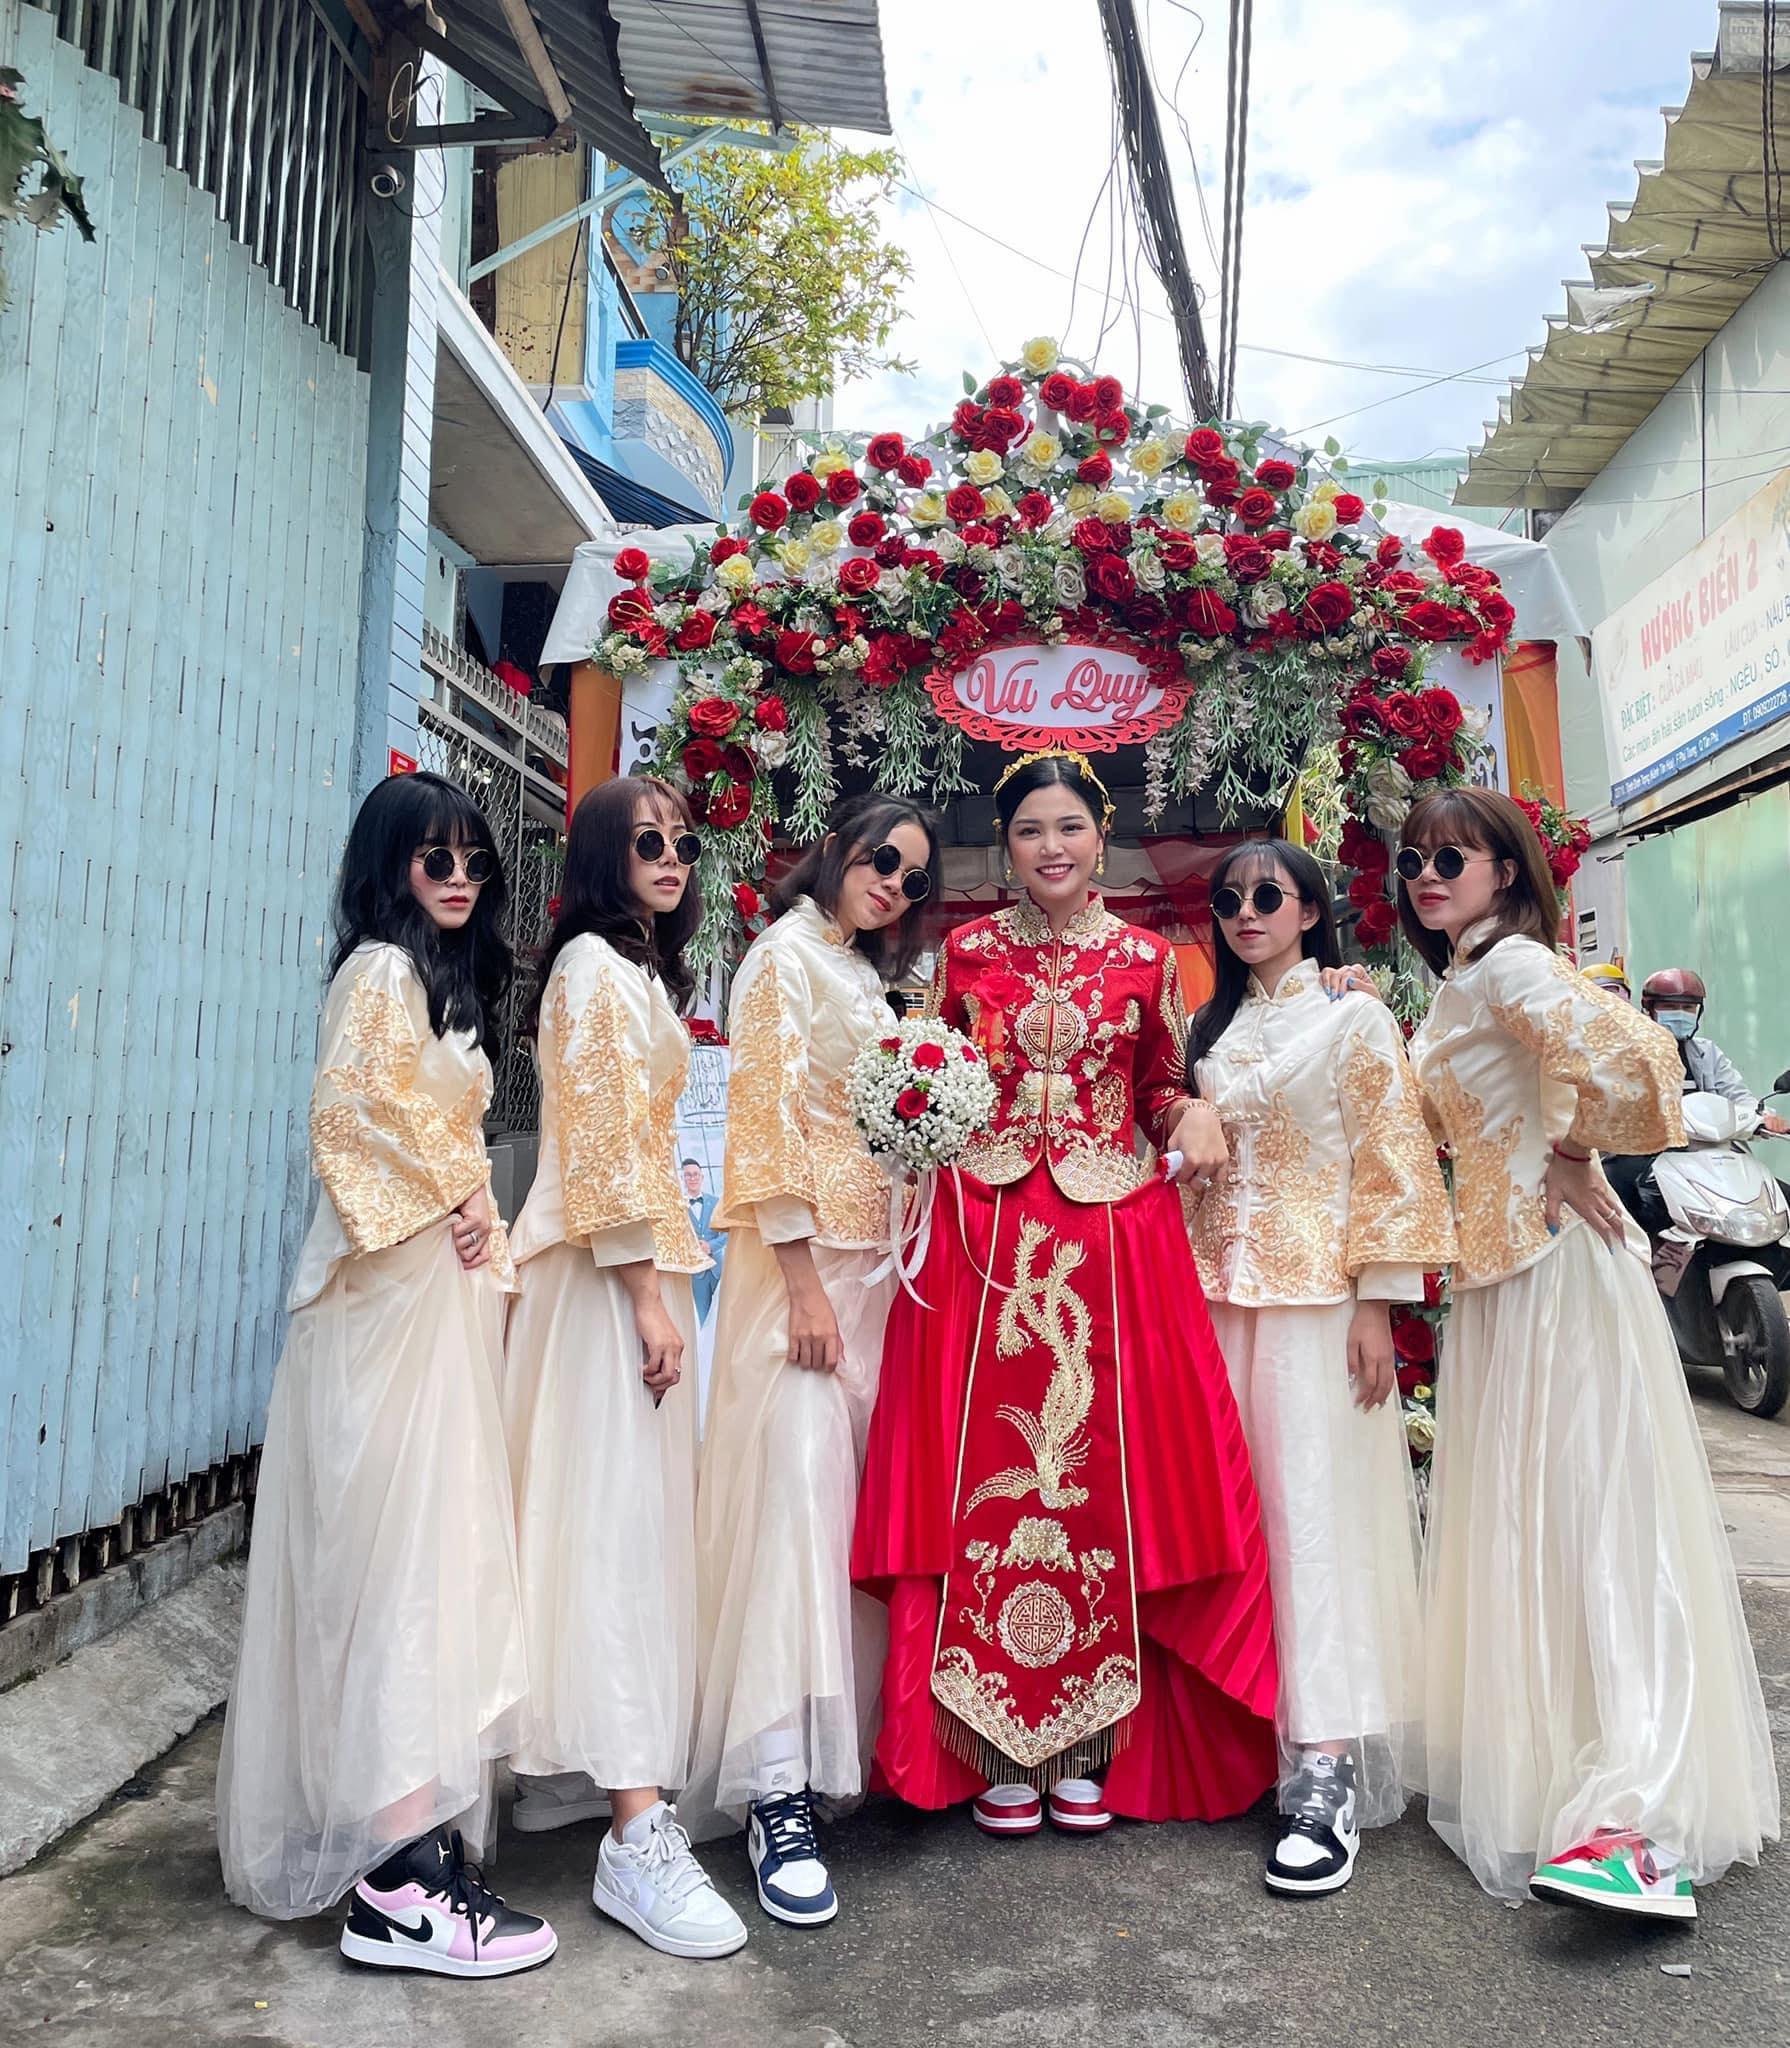 Lác cả mắt trước dàn dâu rể lên đồ chất phát ngất, đi toàn sneaker xịn sò trong đám cưới của cô dâu gốc Hoa - Ảnh 3.